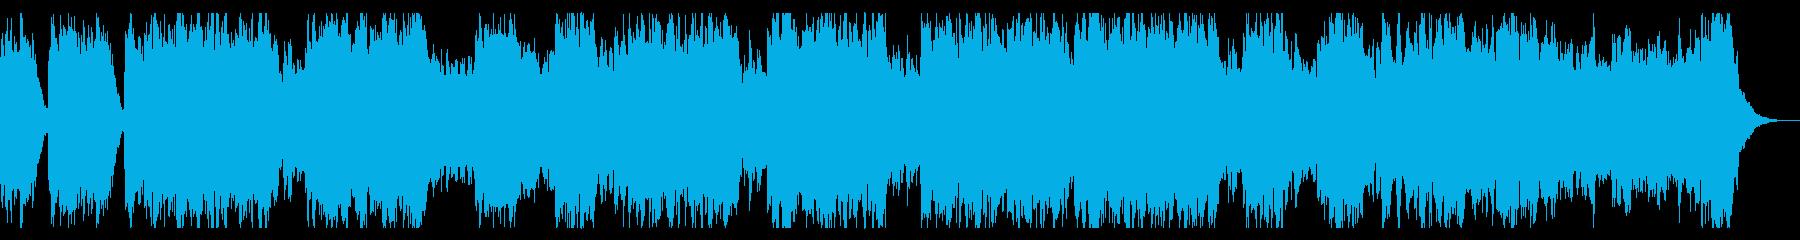 ダークなアルペジオと合唱が特徴的なBGMの再生済みの波形